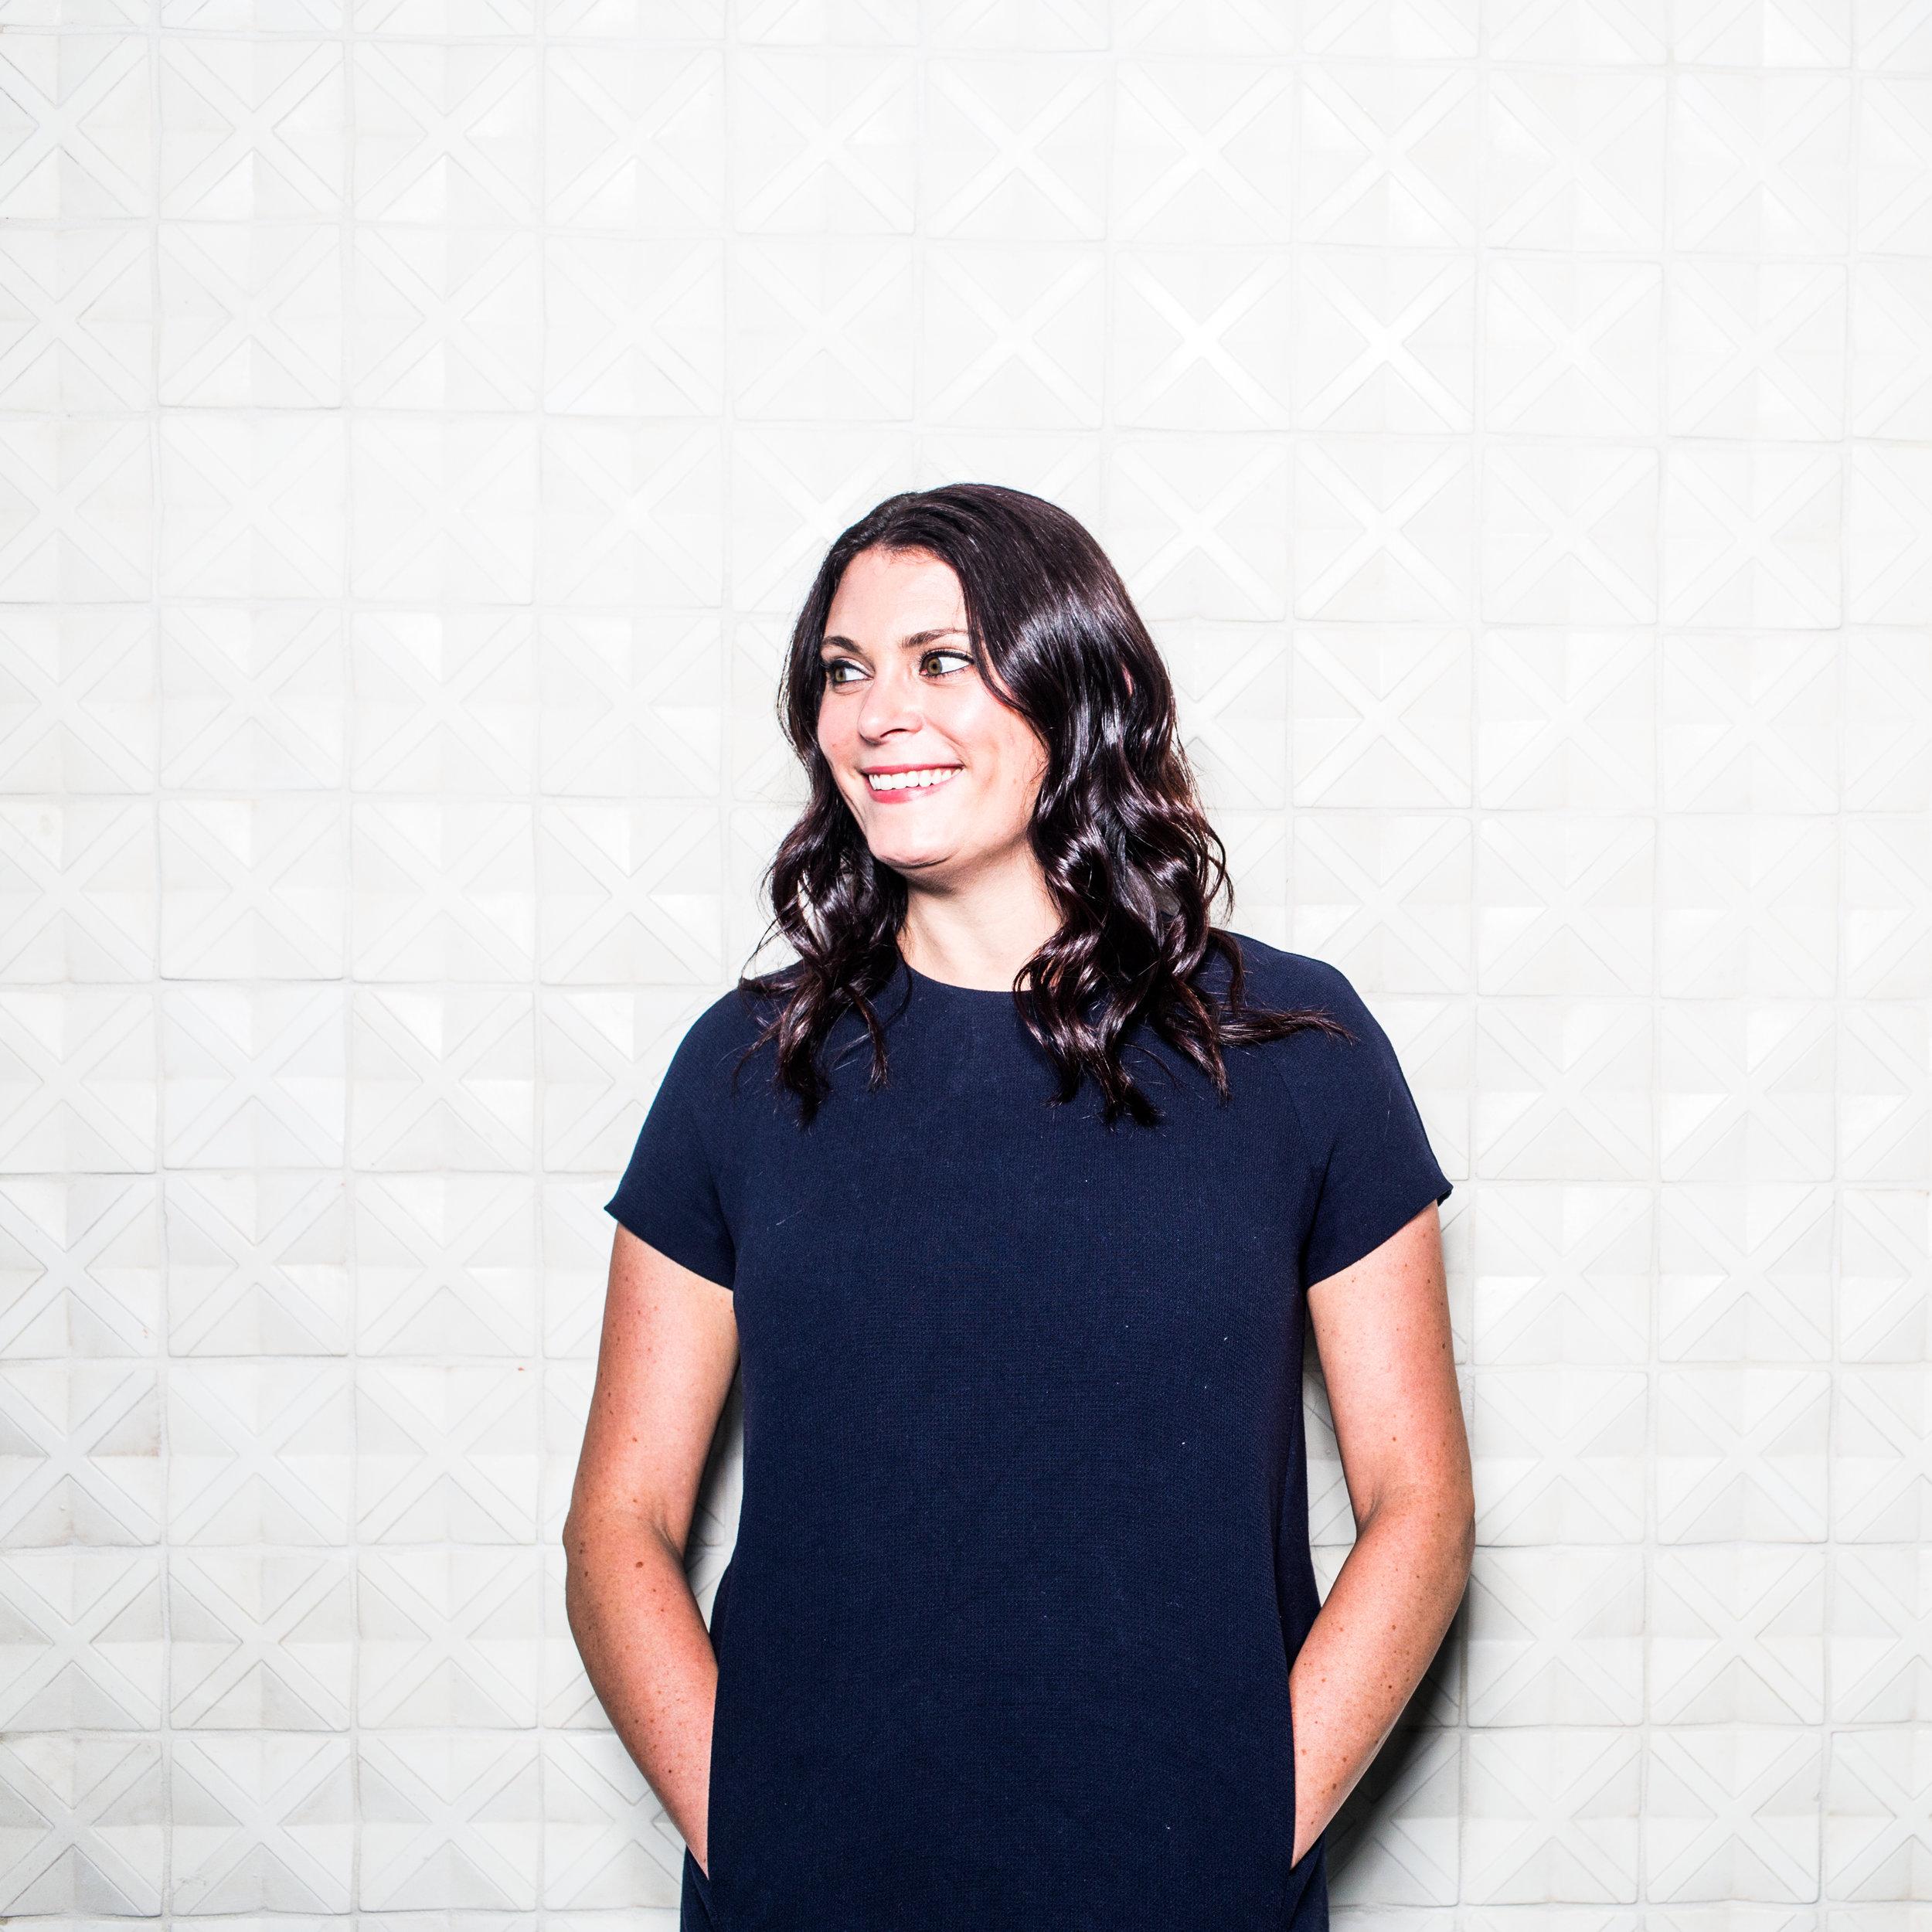 Director of Food & Beverage Erin Kette